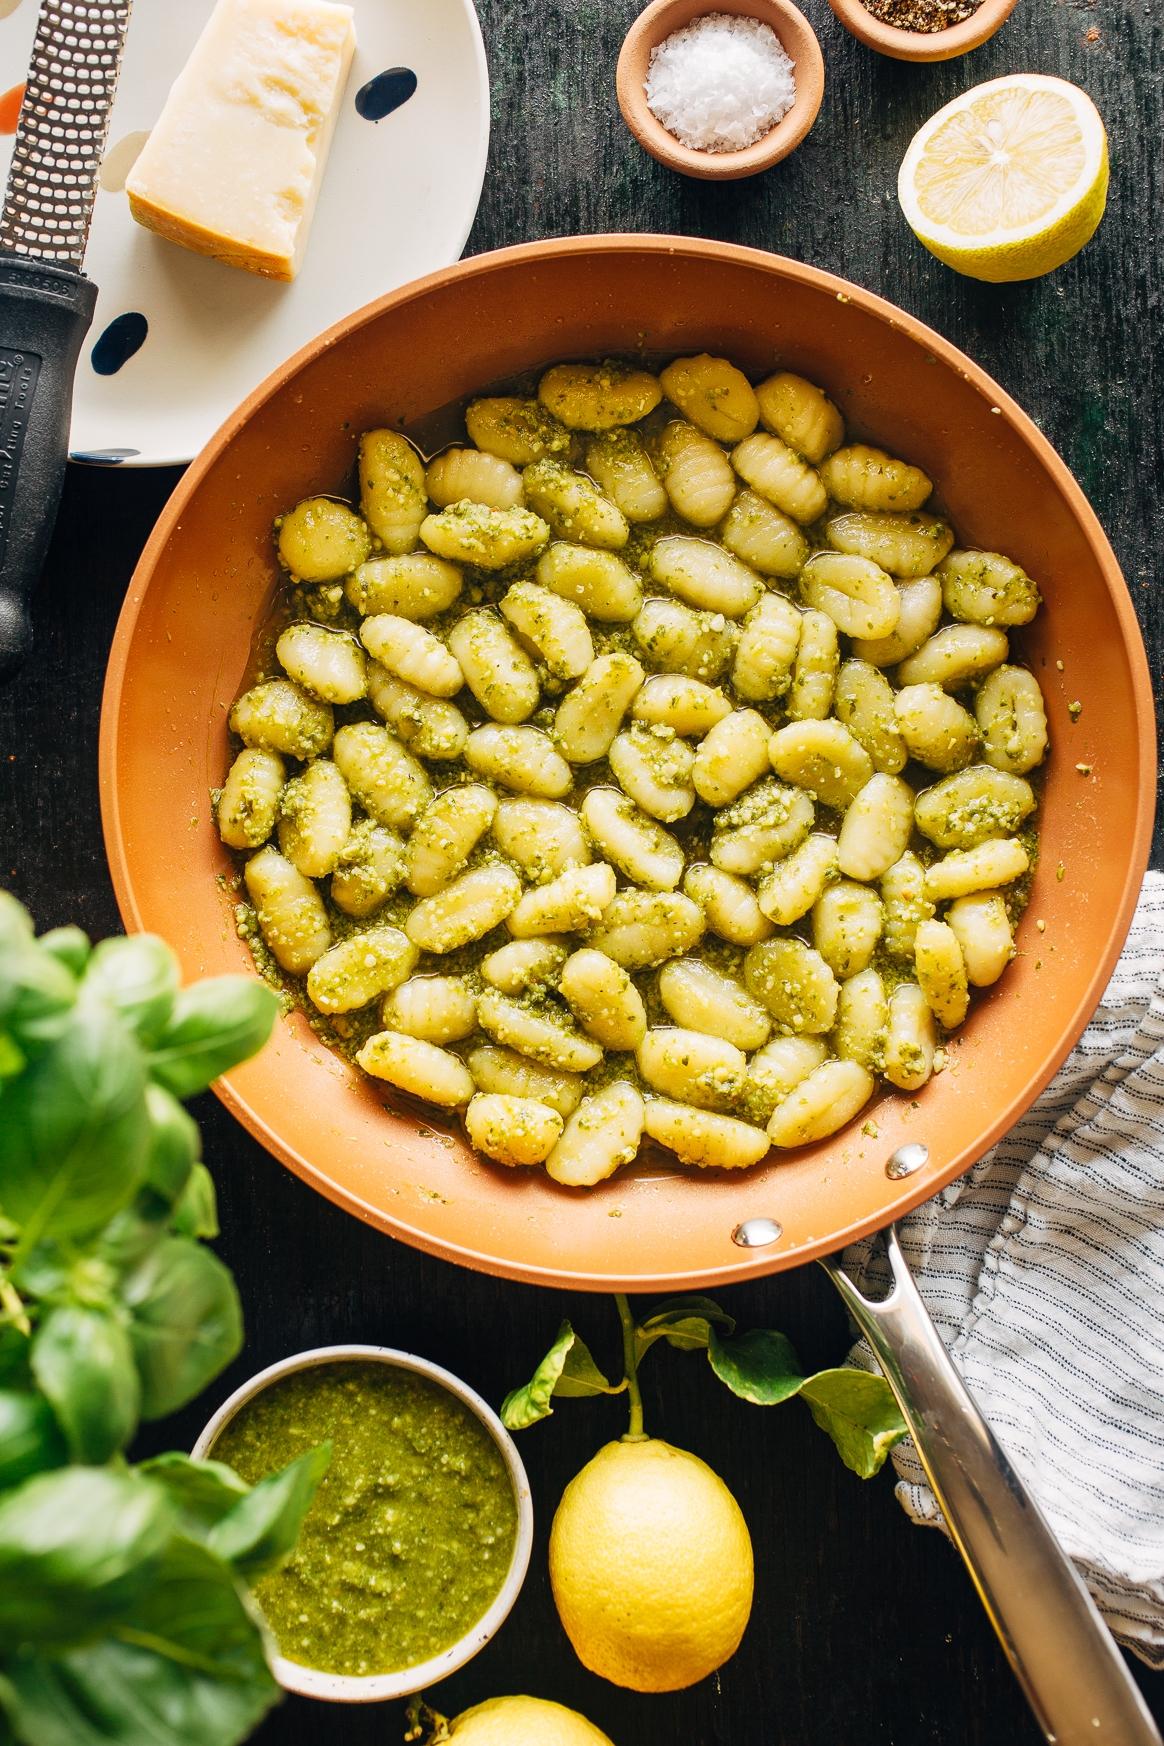 Pesto Gnocchi in a Skillet